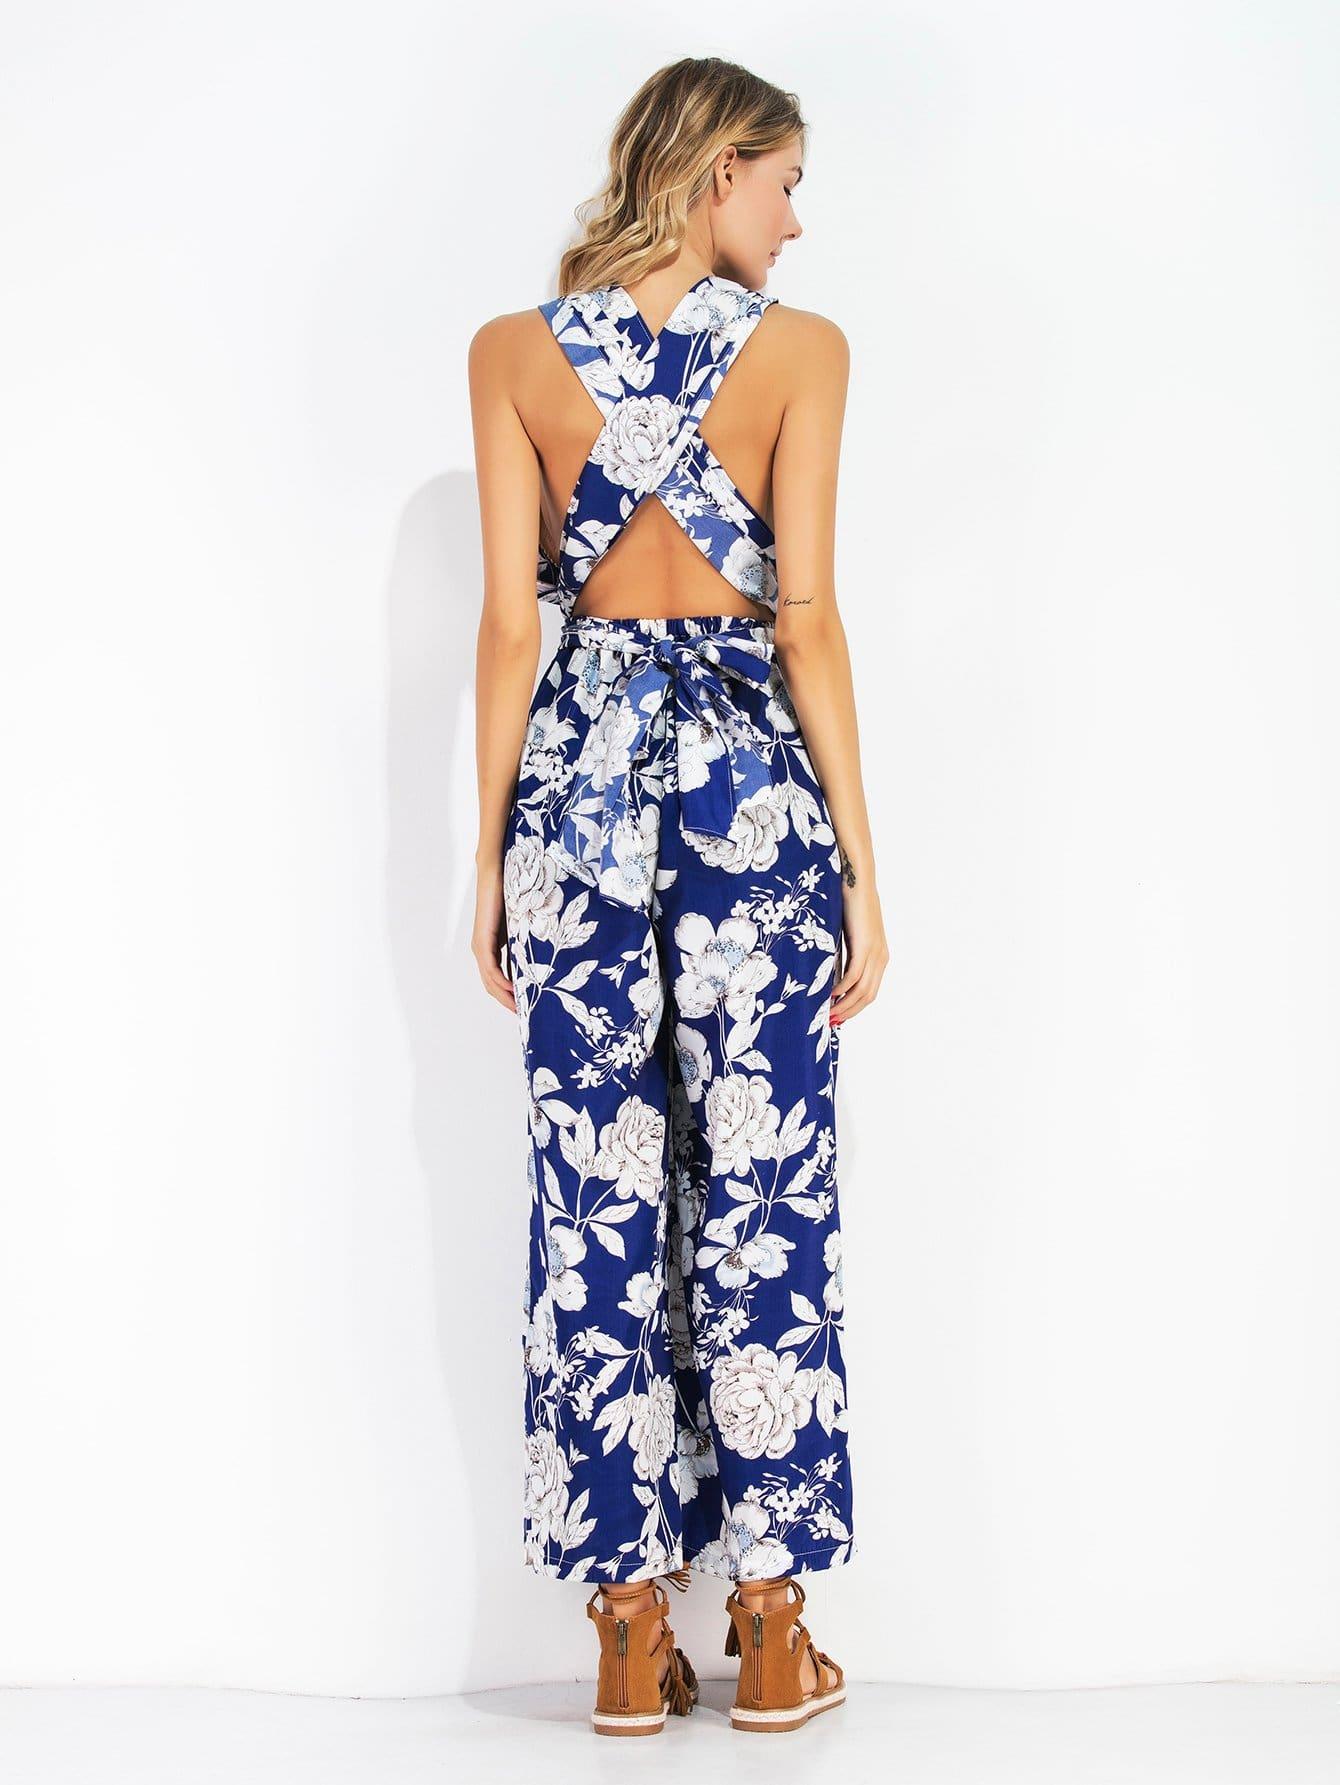 Criss Cross Tie Back Floral Print Jumpsuit criss cross back scallop trim drawstring waist jumpsuit